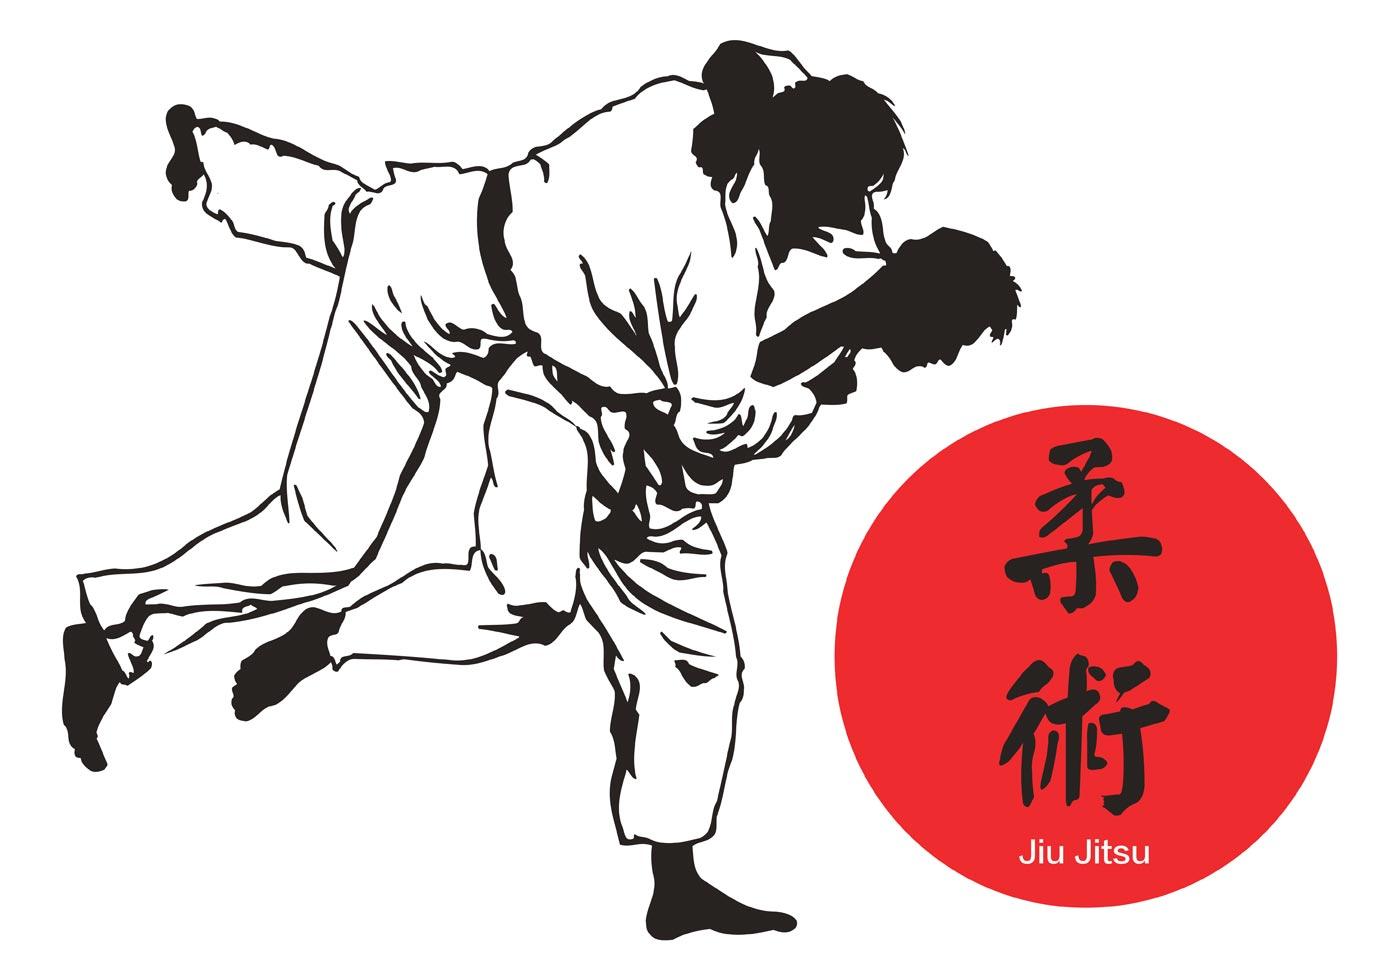 Silhueta Do Vetor Jiu Jitsu Gratis Download Vetores Gratis